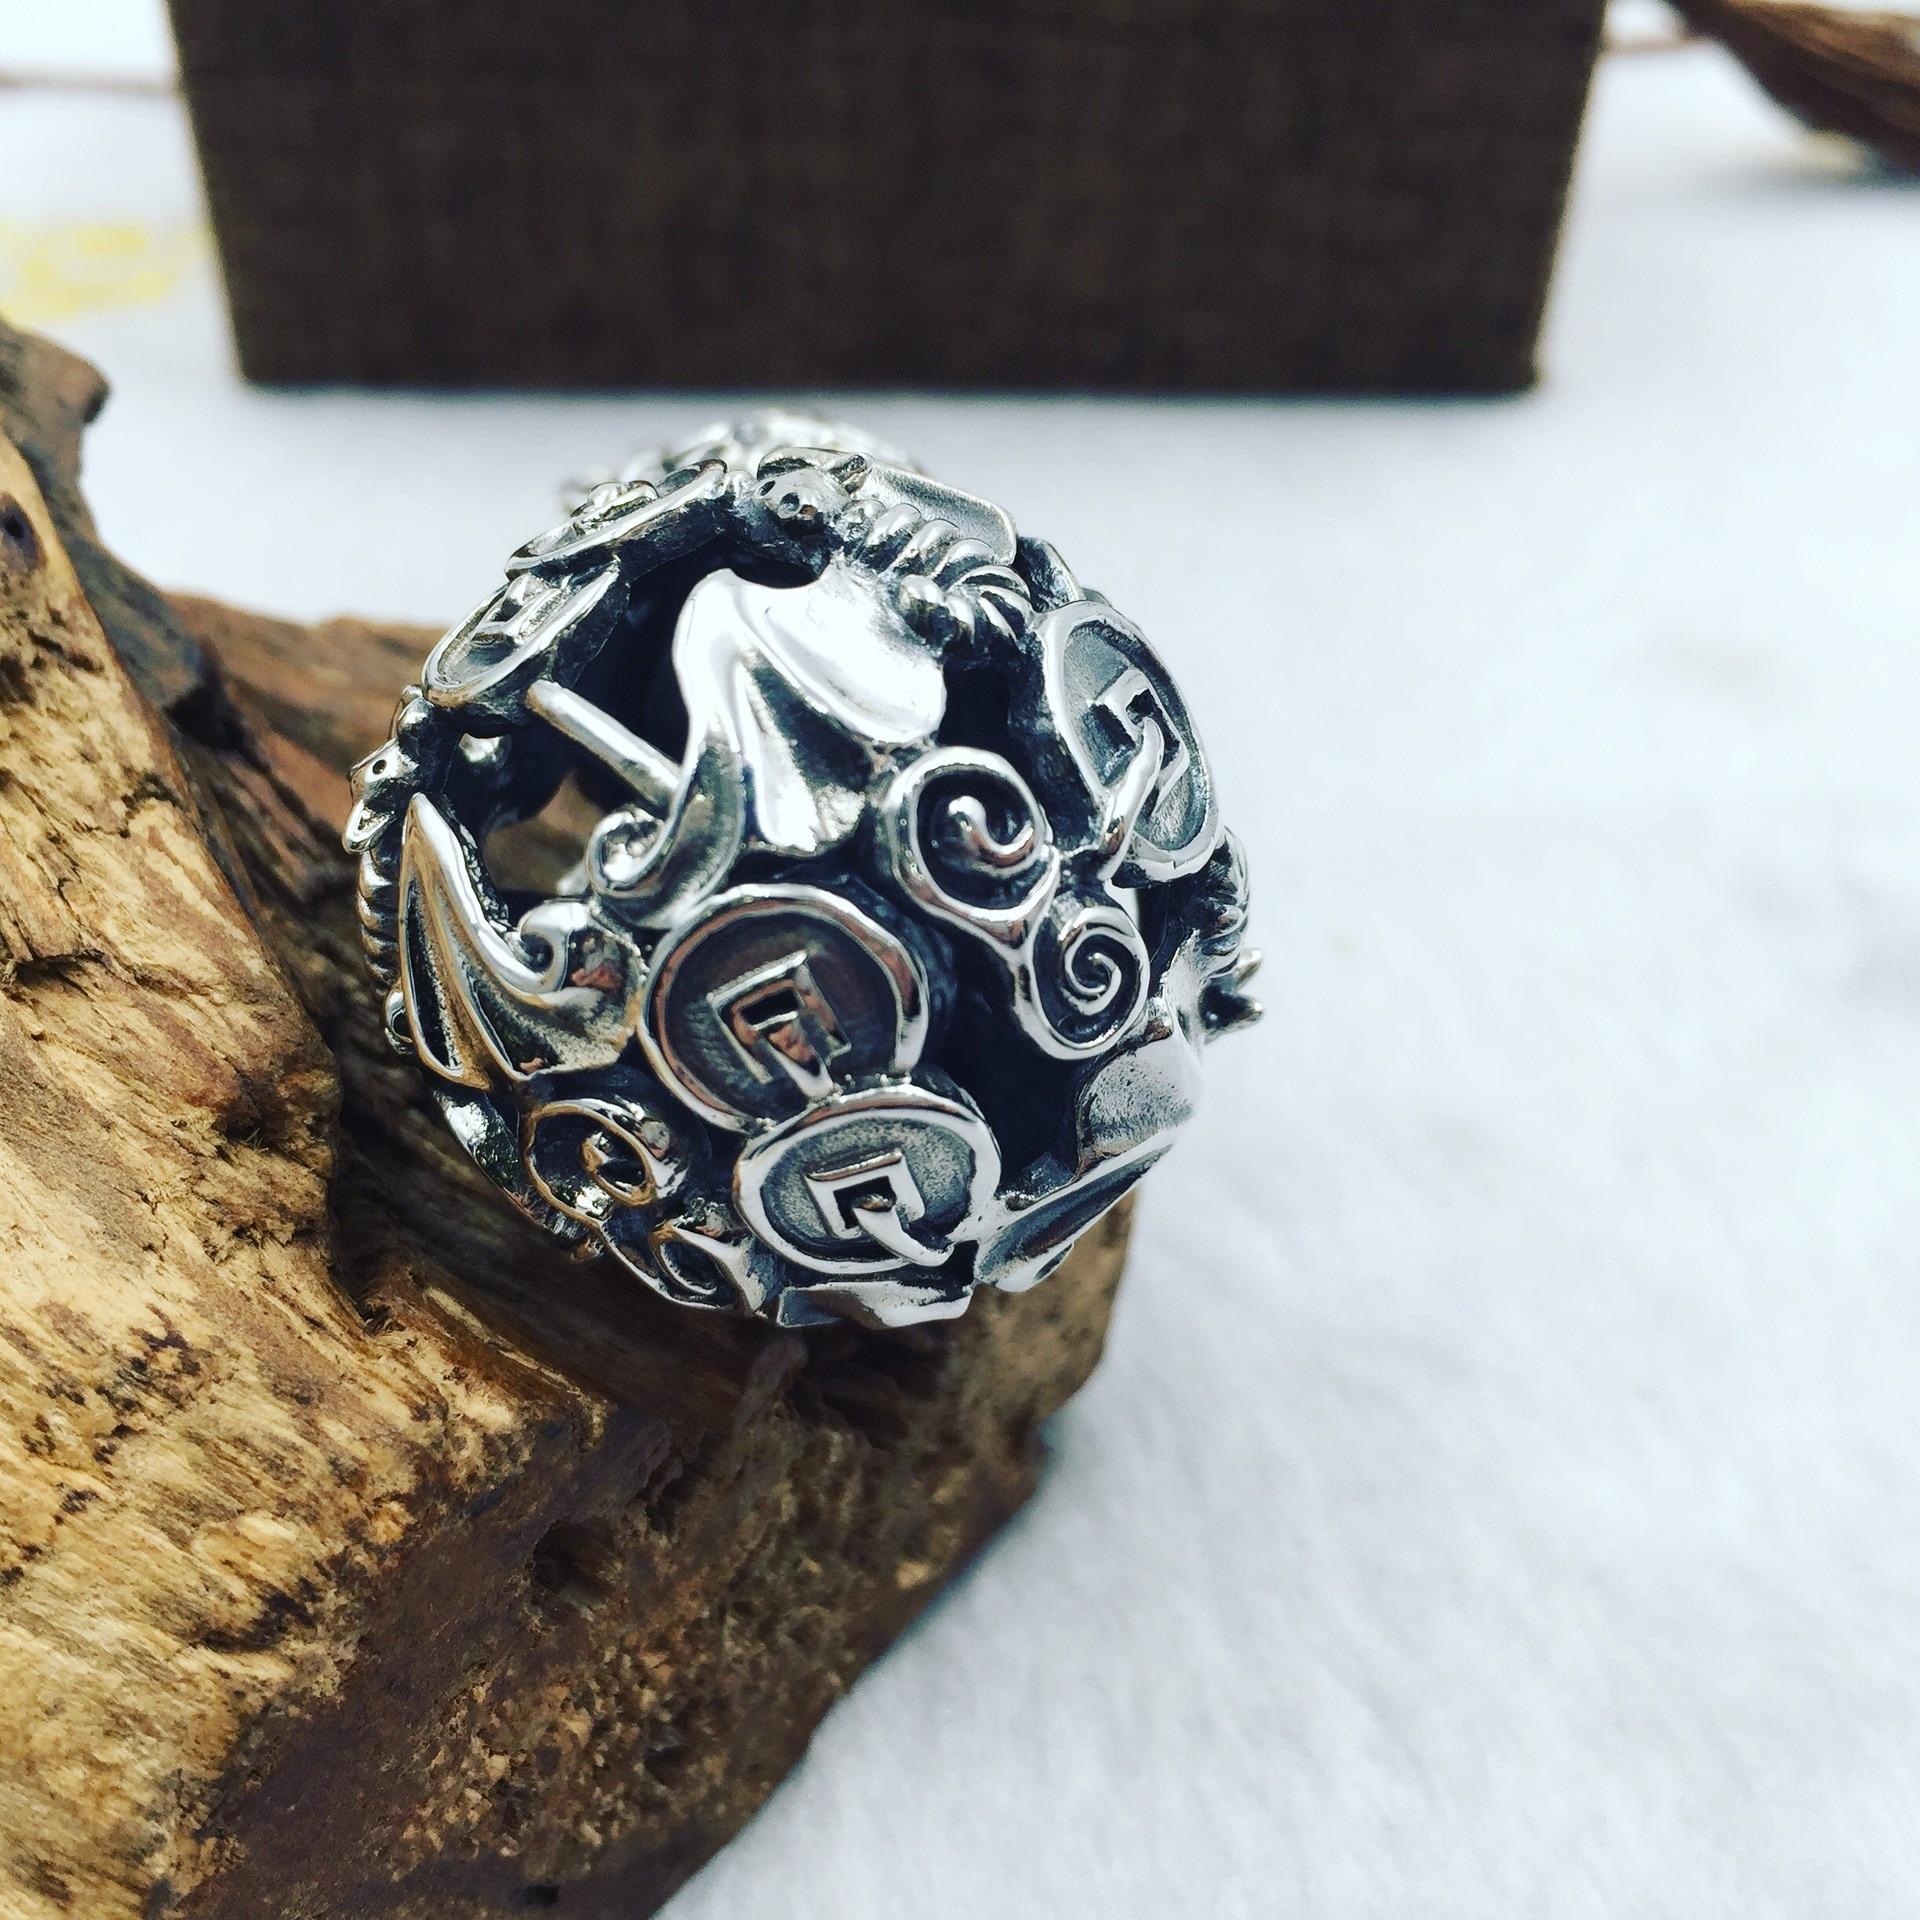 Gli antichi in argento Thai argento soldi genuino S925 Ciondolo In Argento campana appesa pipistrello zucca può ruotare produttori diretti - 5